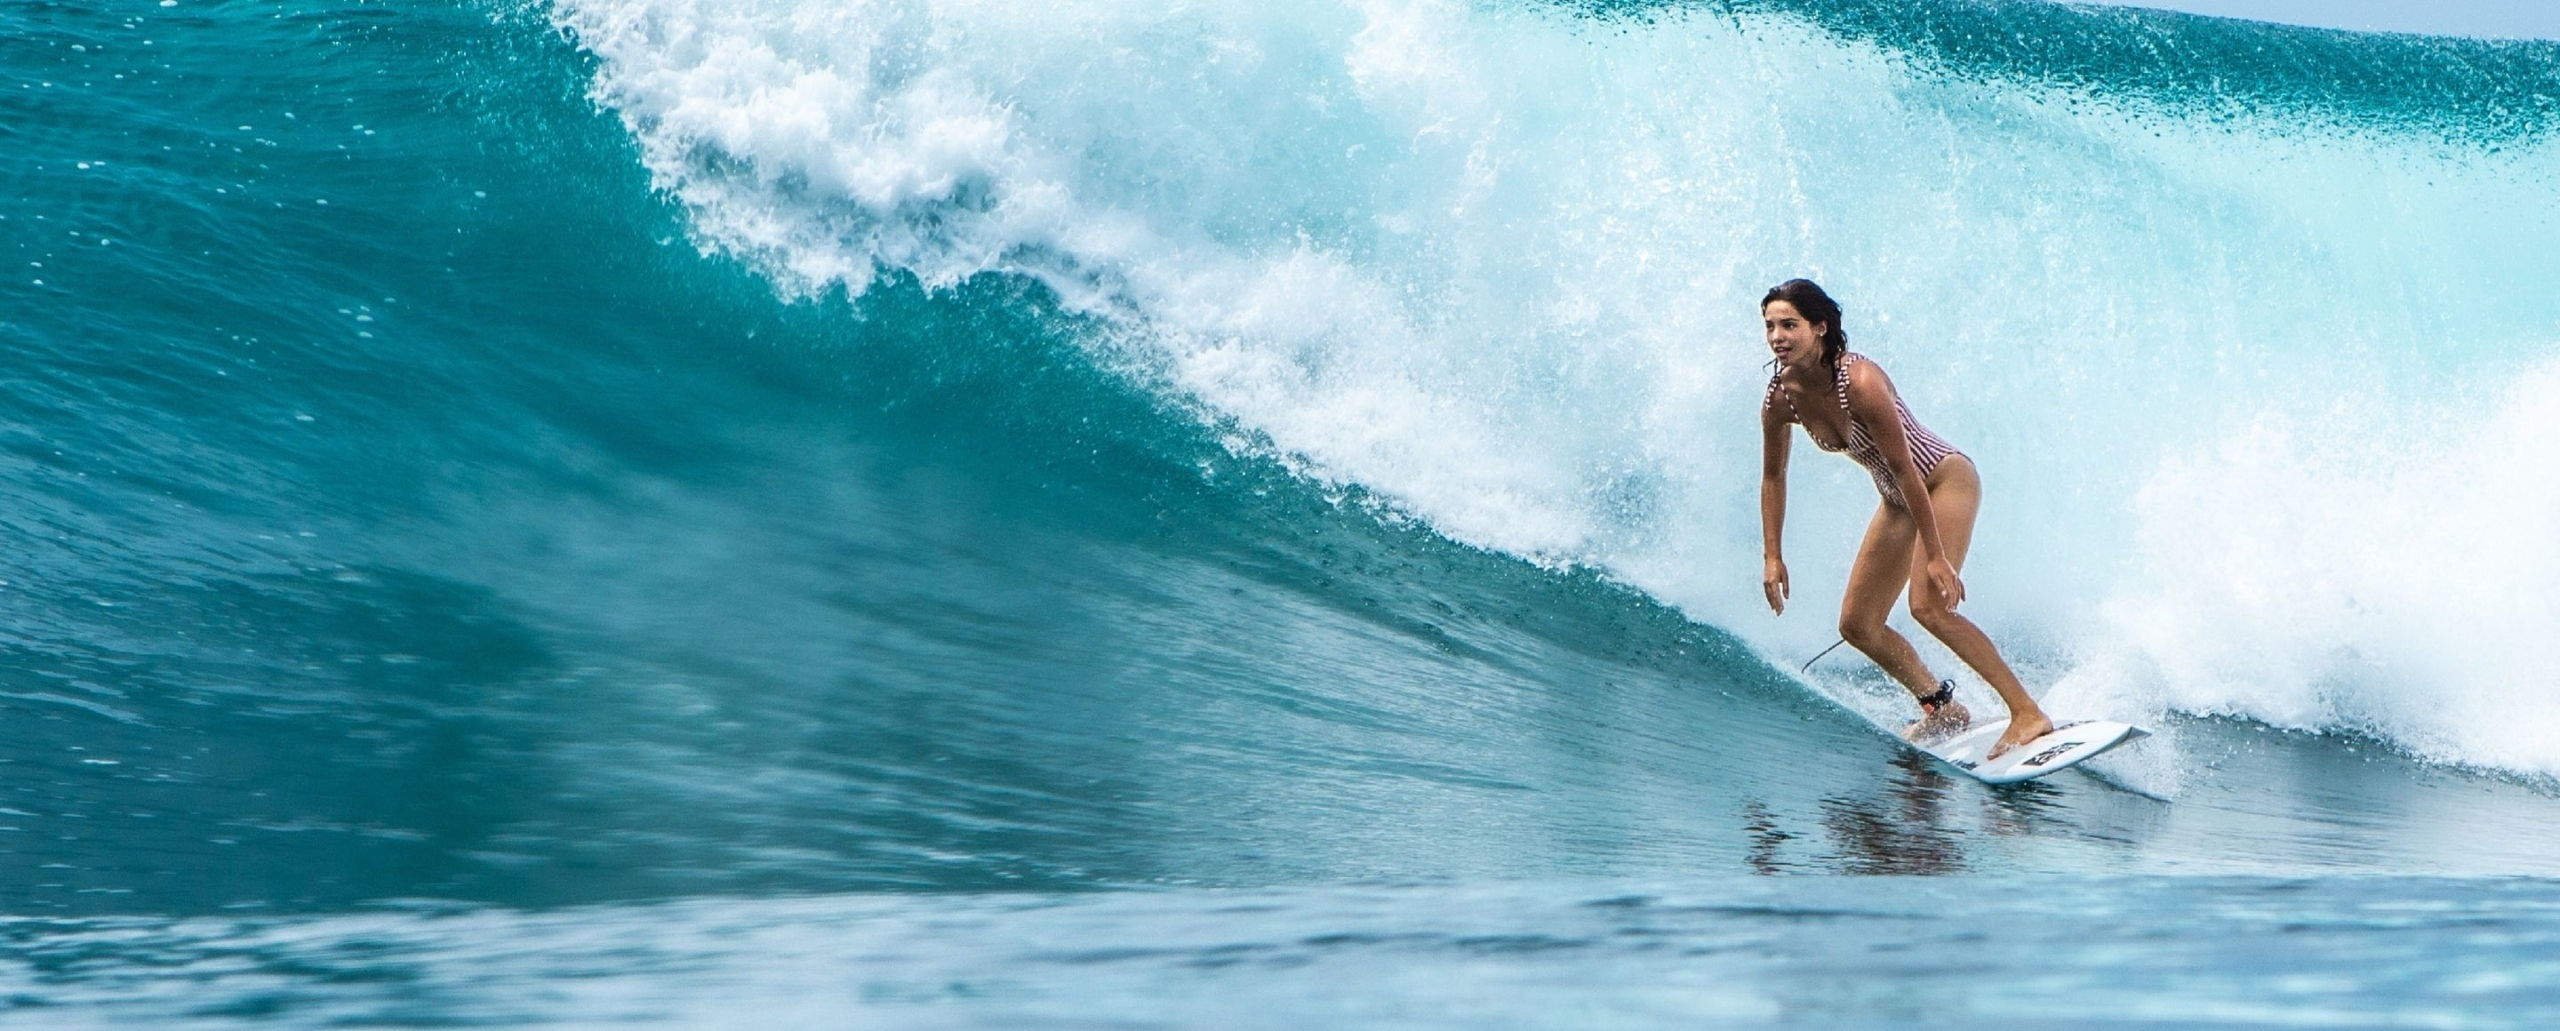 AMBASSADEUR COVER SURF Athlète Juliette Lacome ROXY